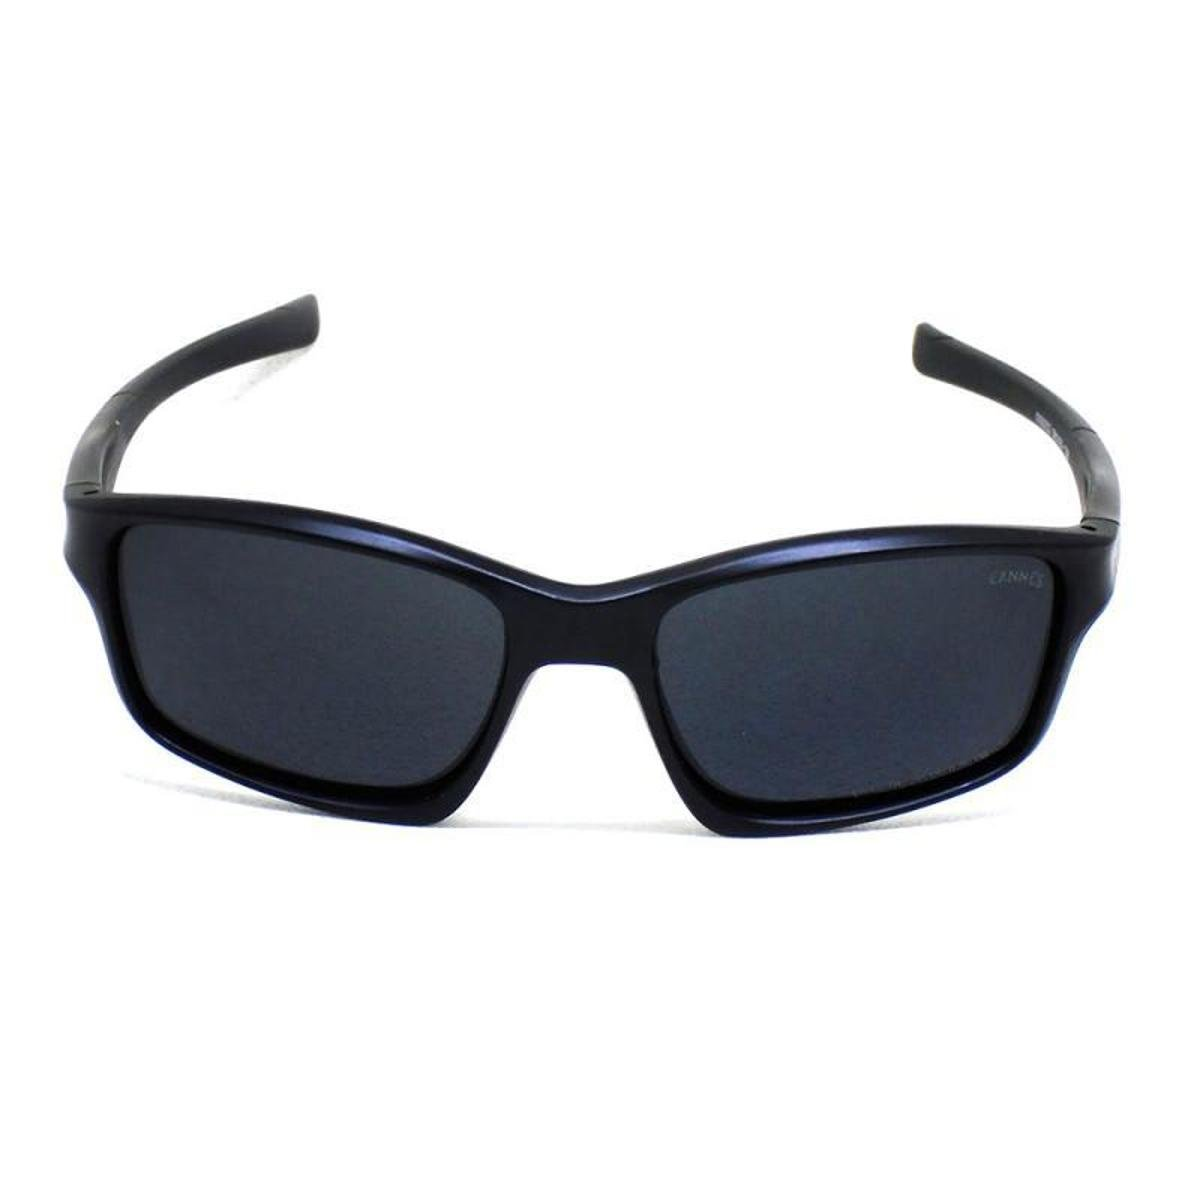 7c7fd3166aaac Óculos De Sol Cannes 009252 T 56 C Casual Masculino - Preto - Compre ...